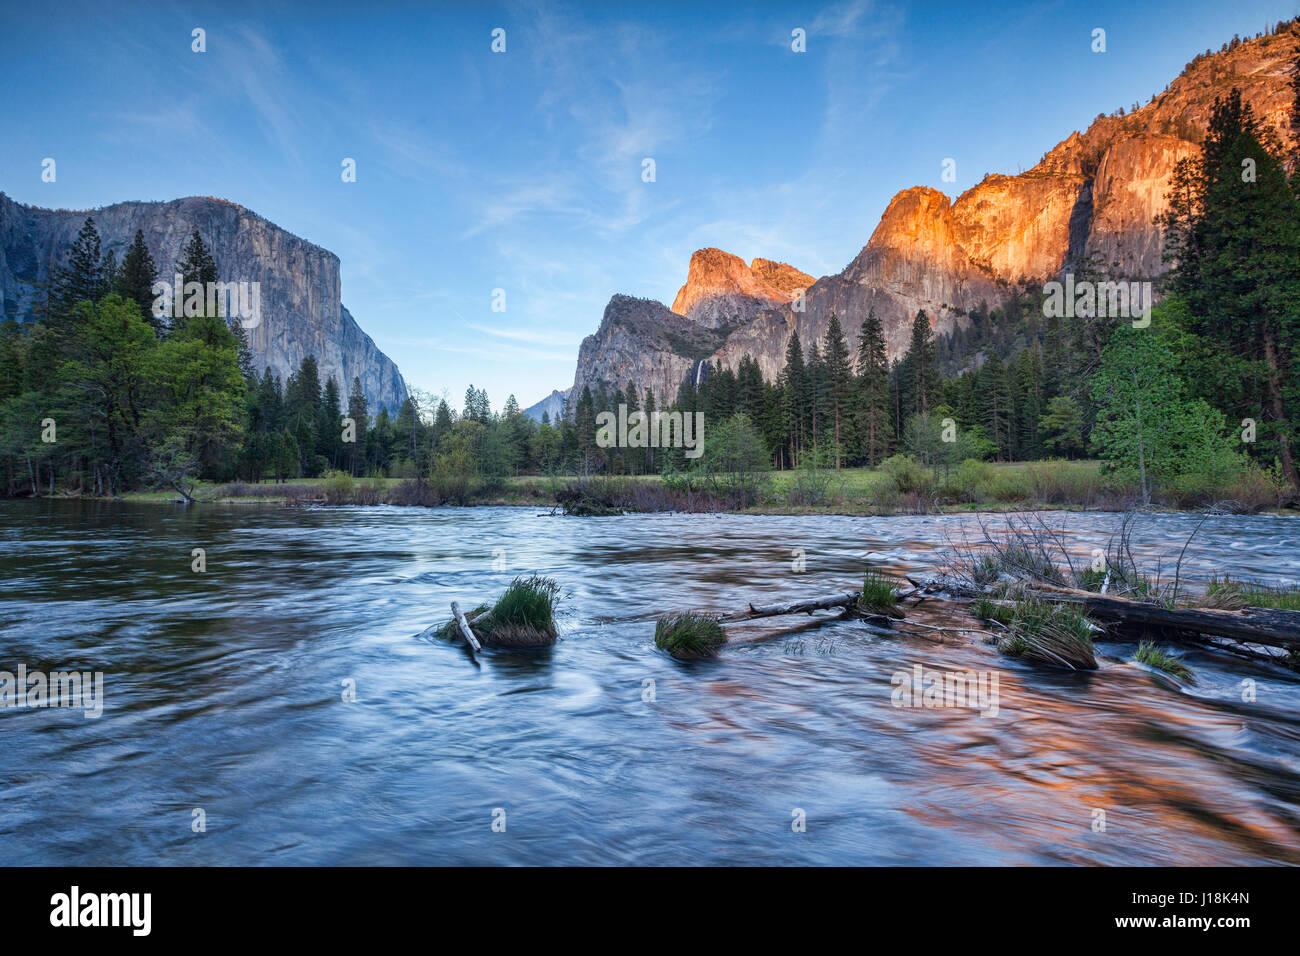 Ein ruhiger Abend, als die Sonne untergeht im Yosemite Nationalpark, California, USA. Stockbild